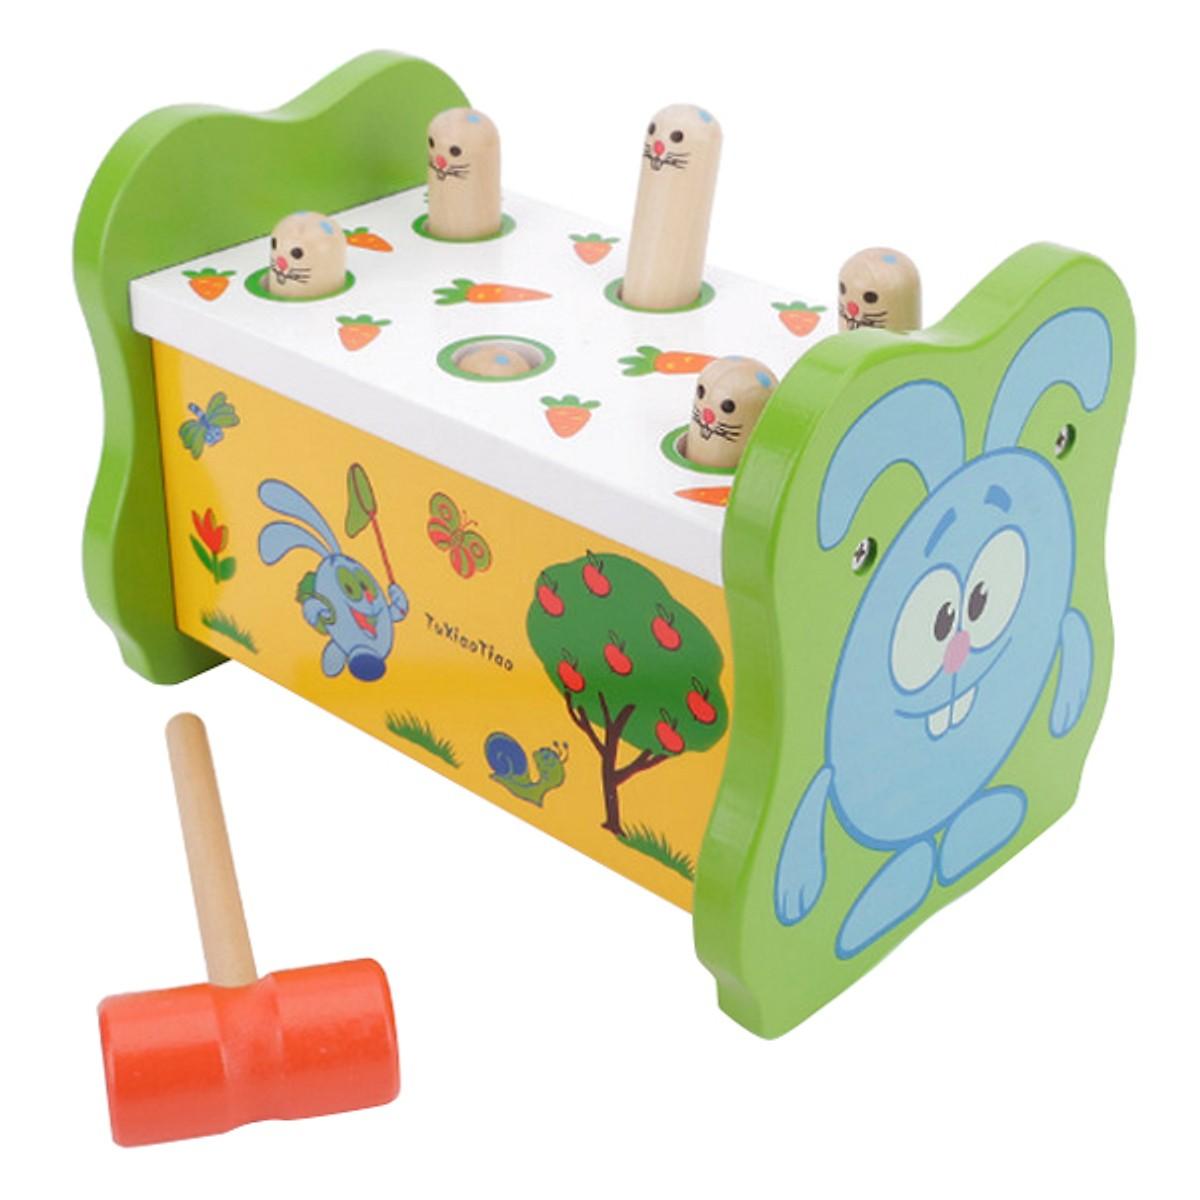 Bộ đồ chơi gỗ đập chuột xanh giúp bé rèn luyện tay khéo mắt tinh